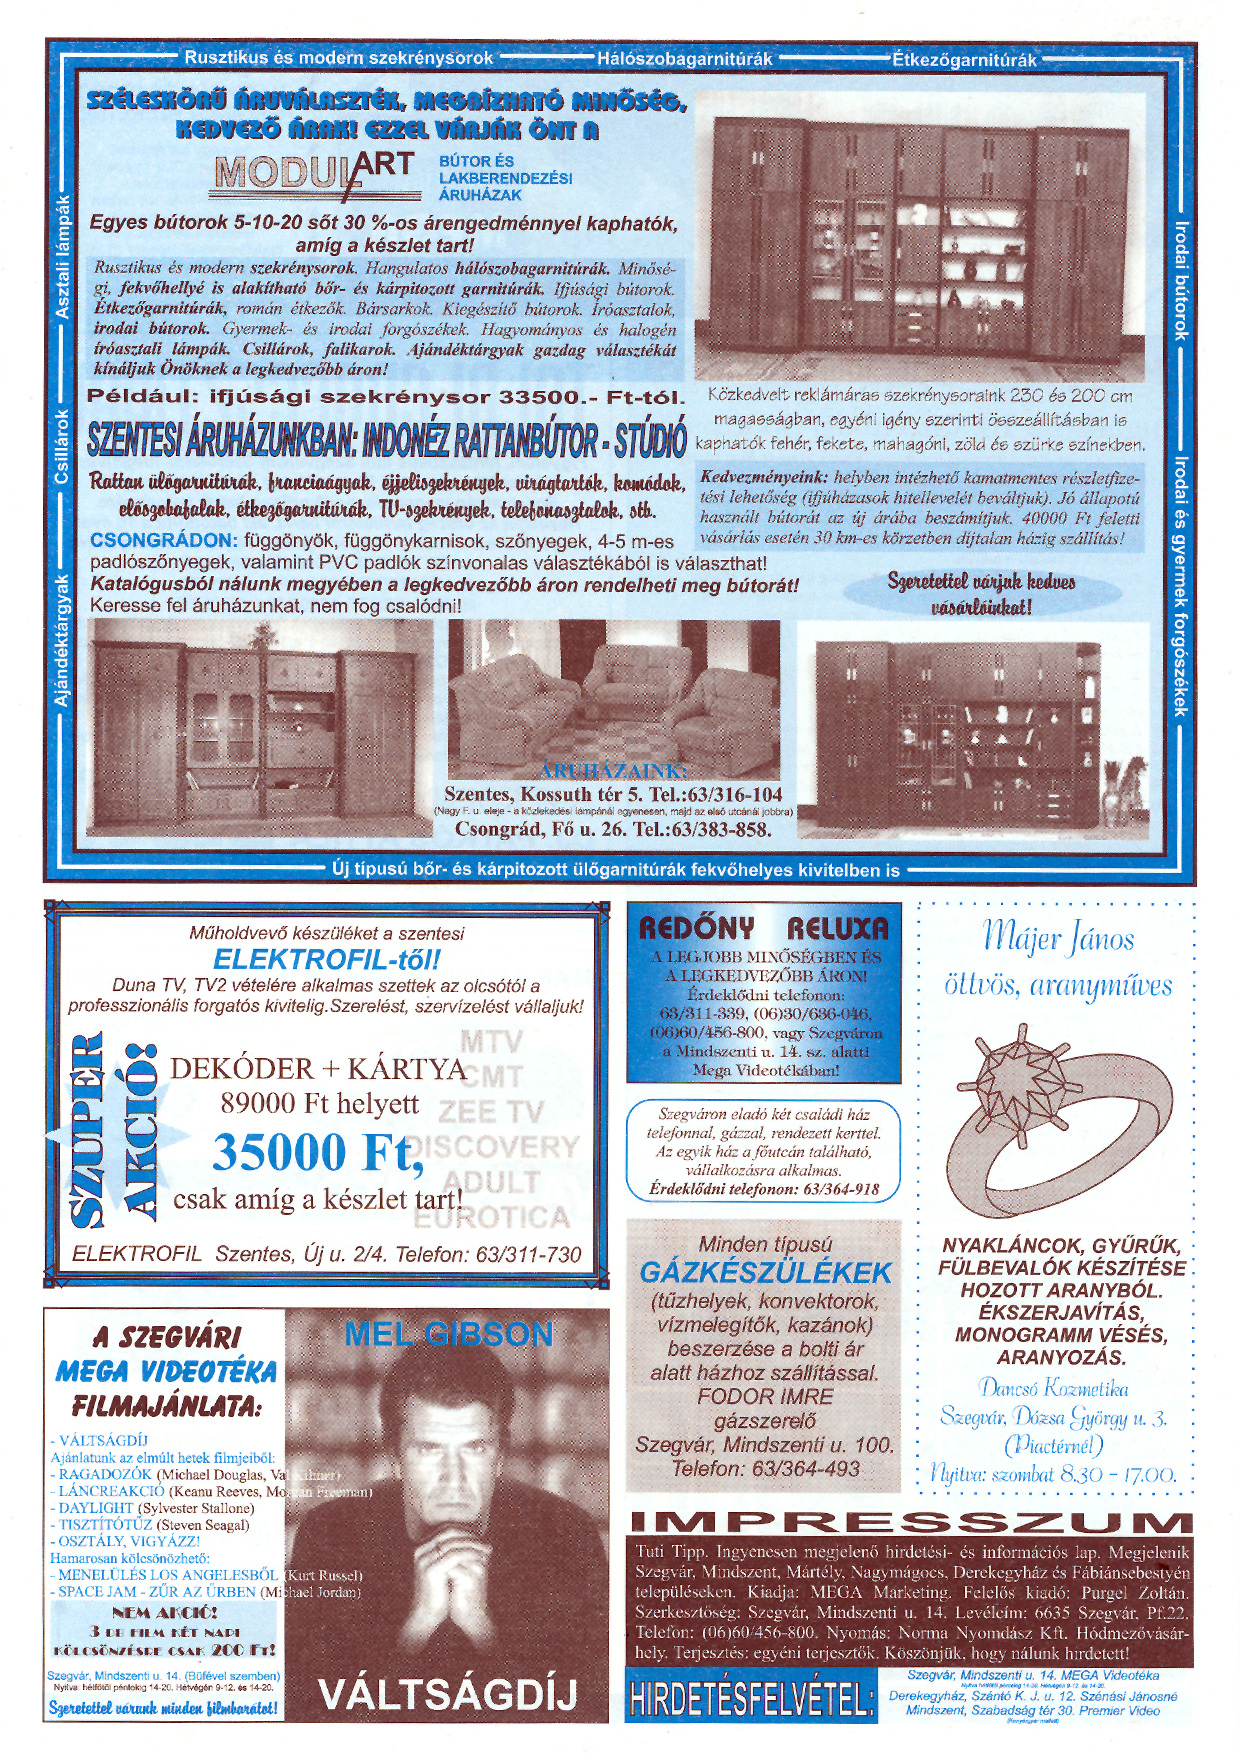 026 Tuti Tipp reklámújság - 19970726-066. lapszám - 2.oldal - III. évfolyam.jpg